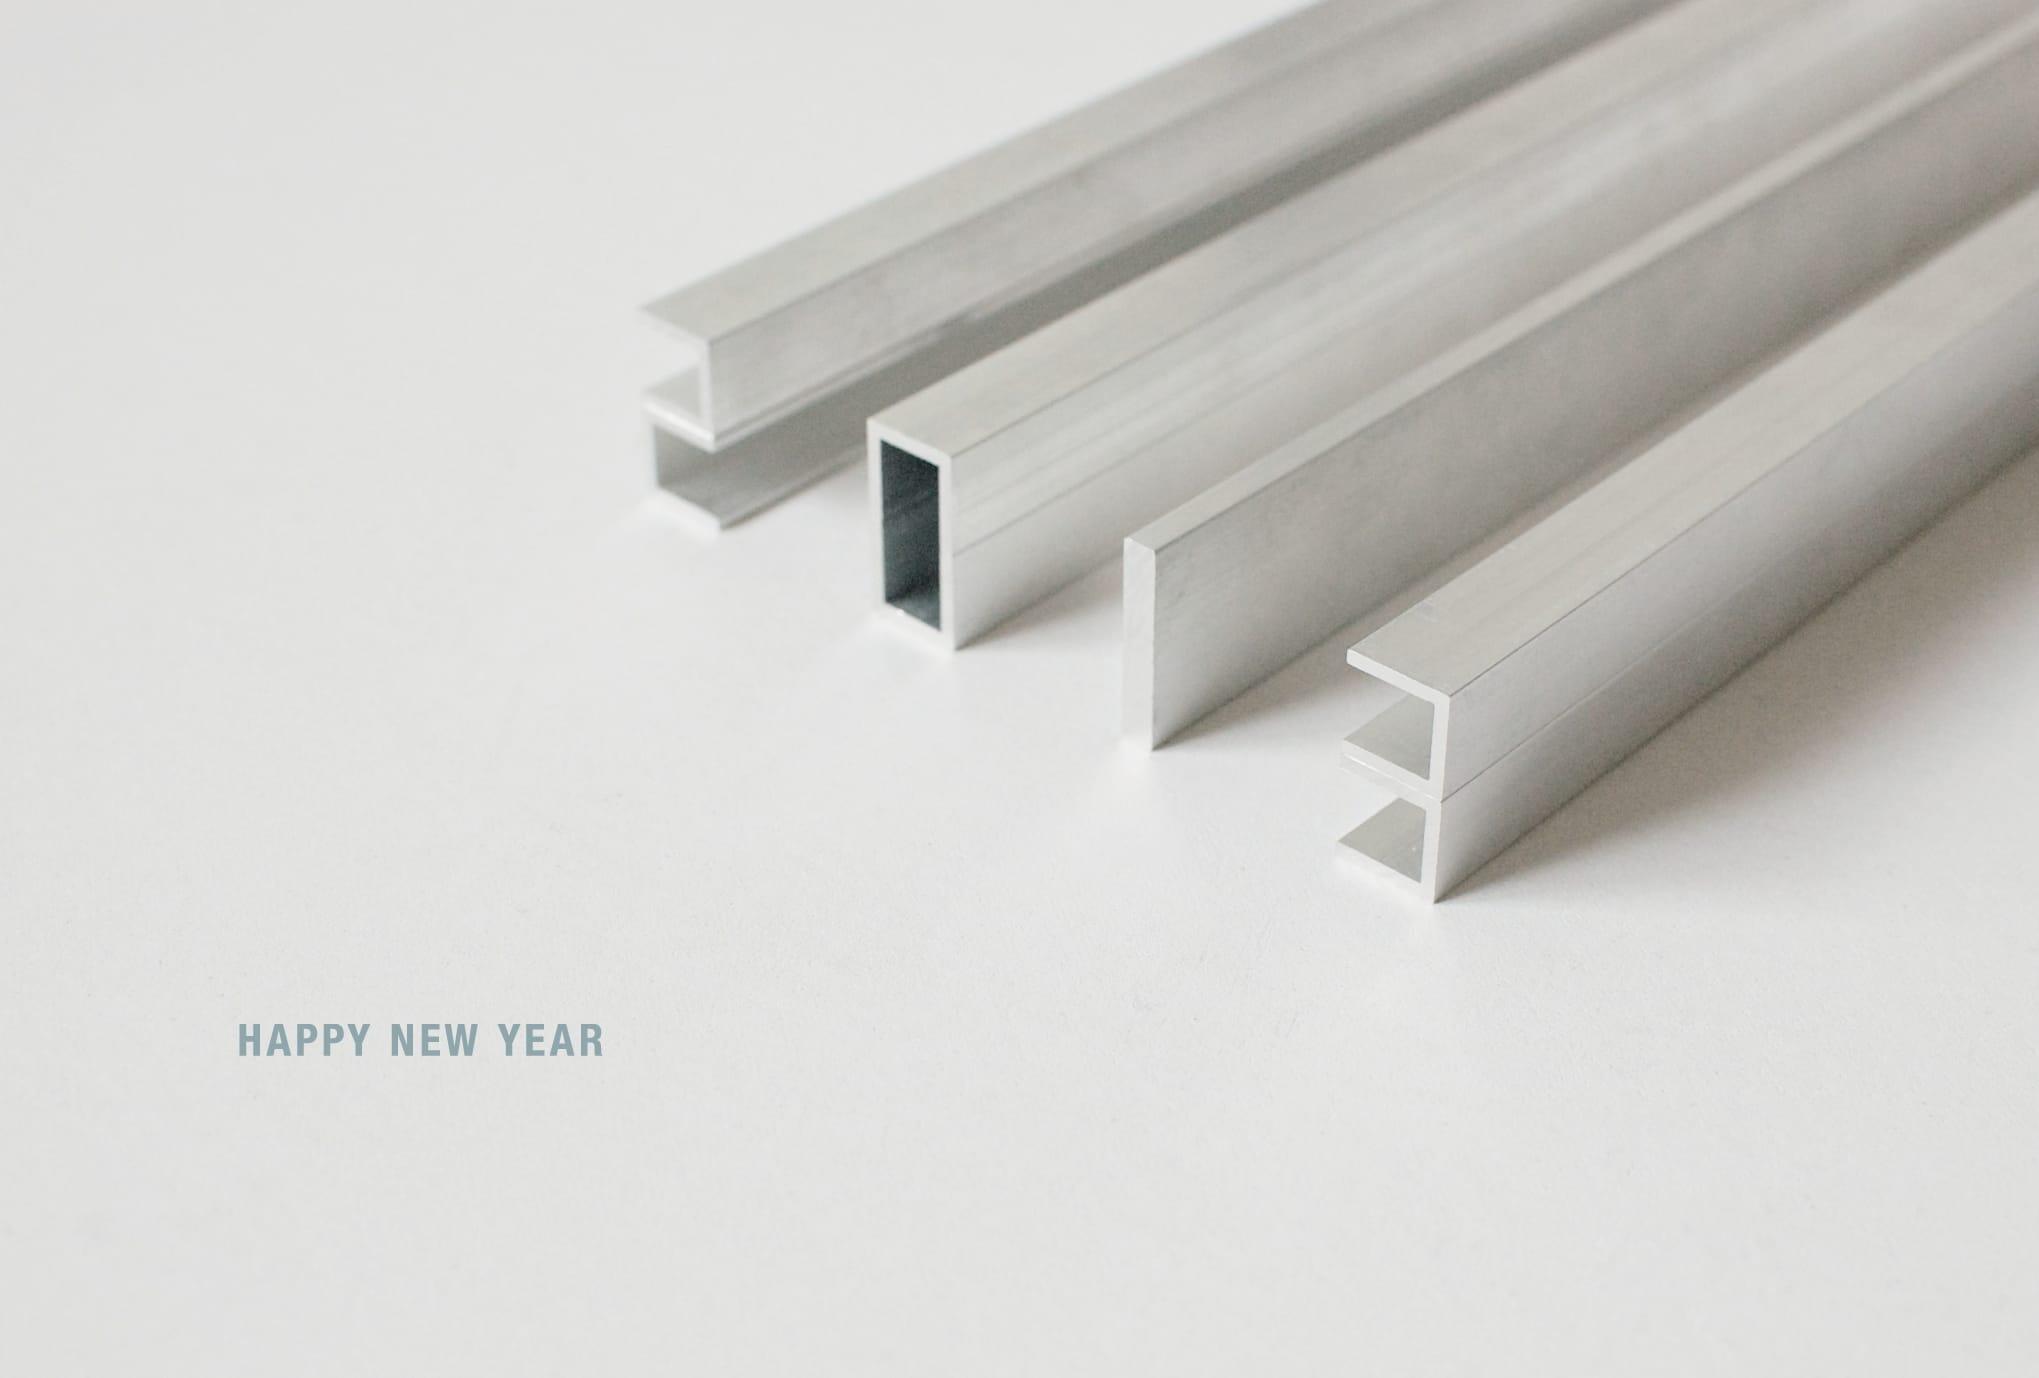 2013年賀状22-1:Alumi-new-m 2013 / 横のダウンロード画像